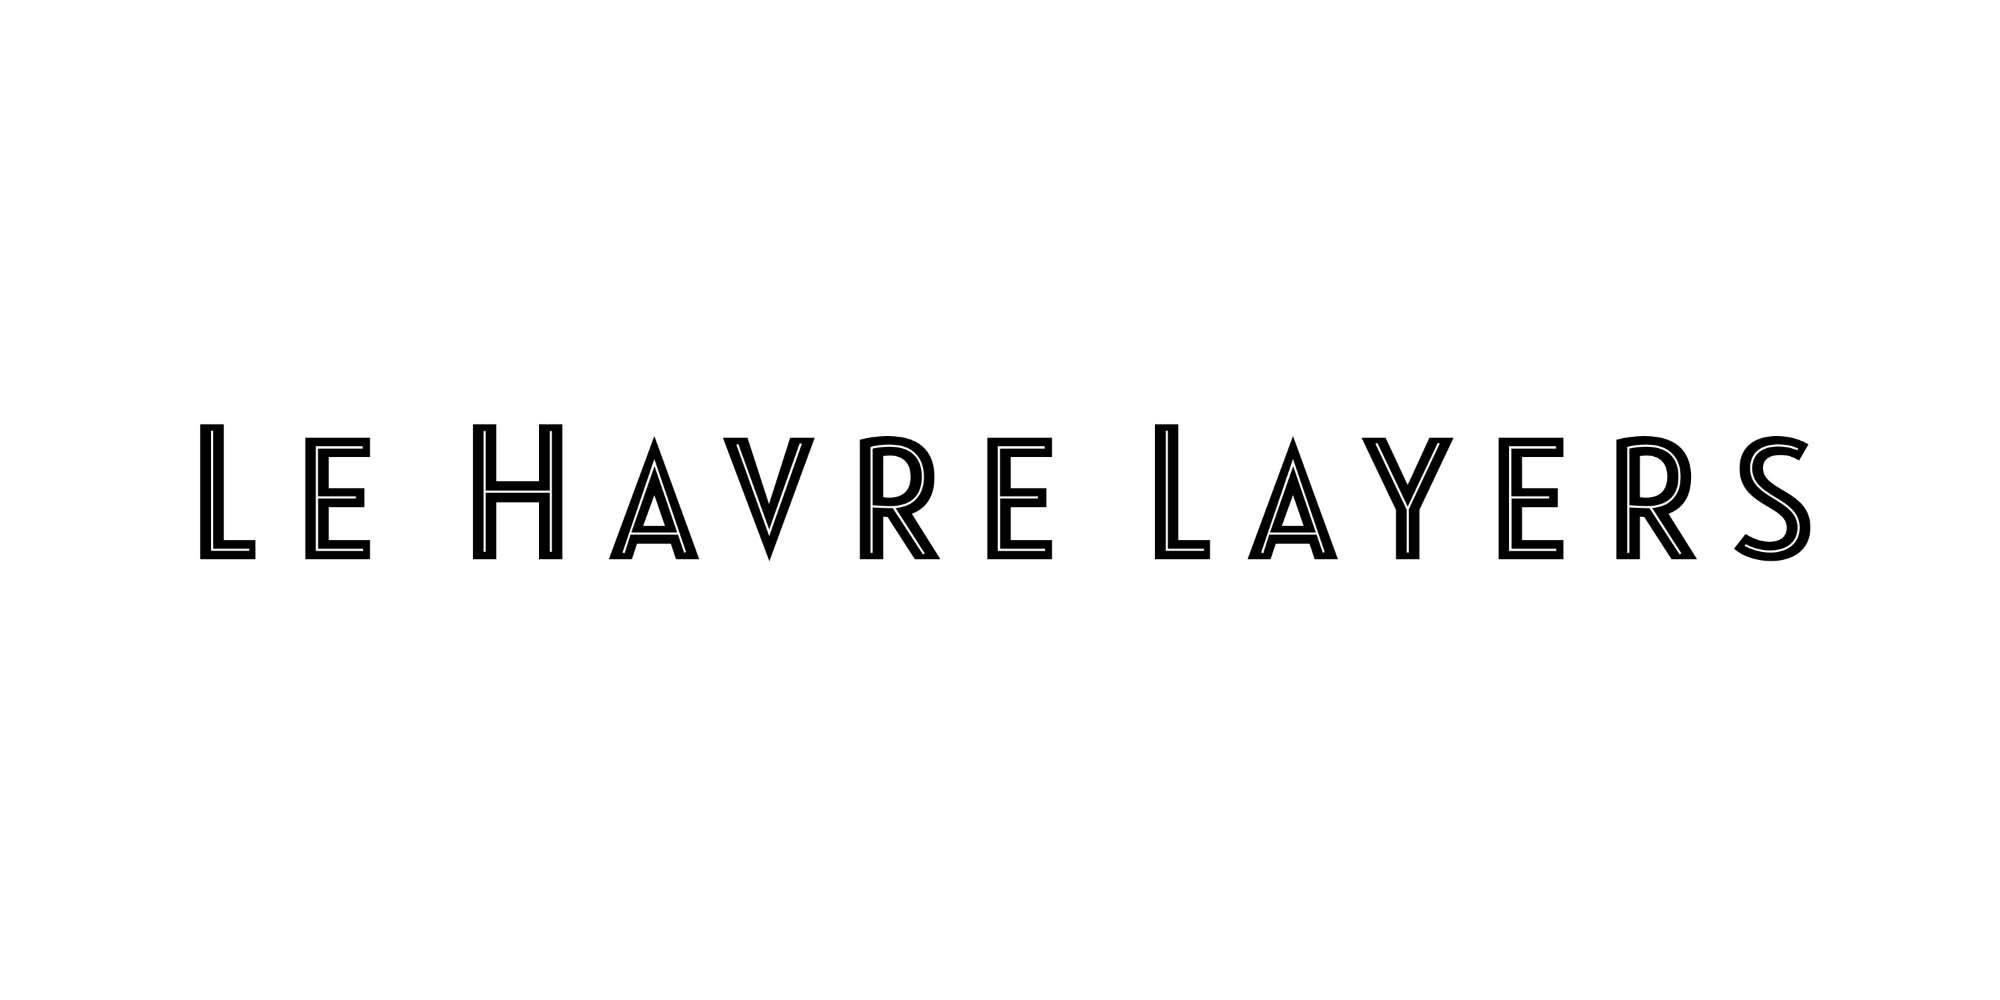 Le Harve Layers Font